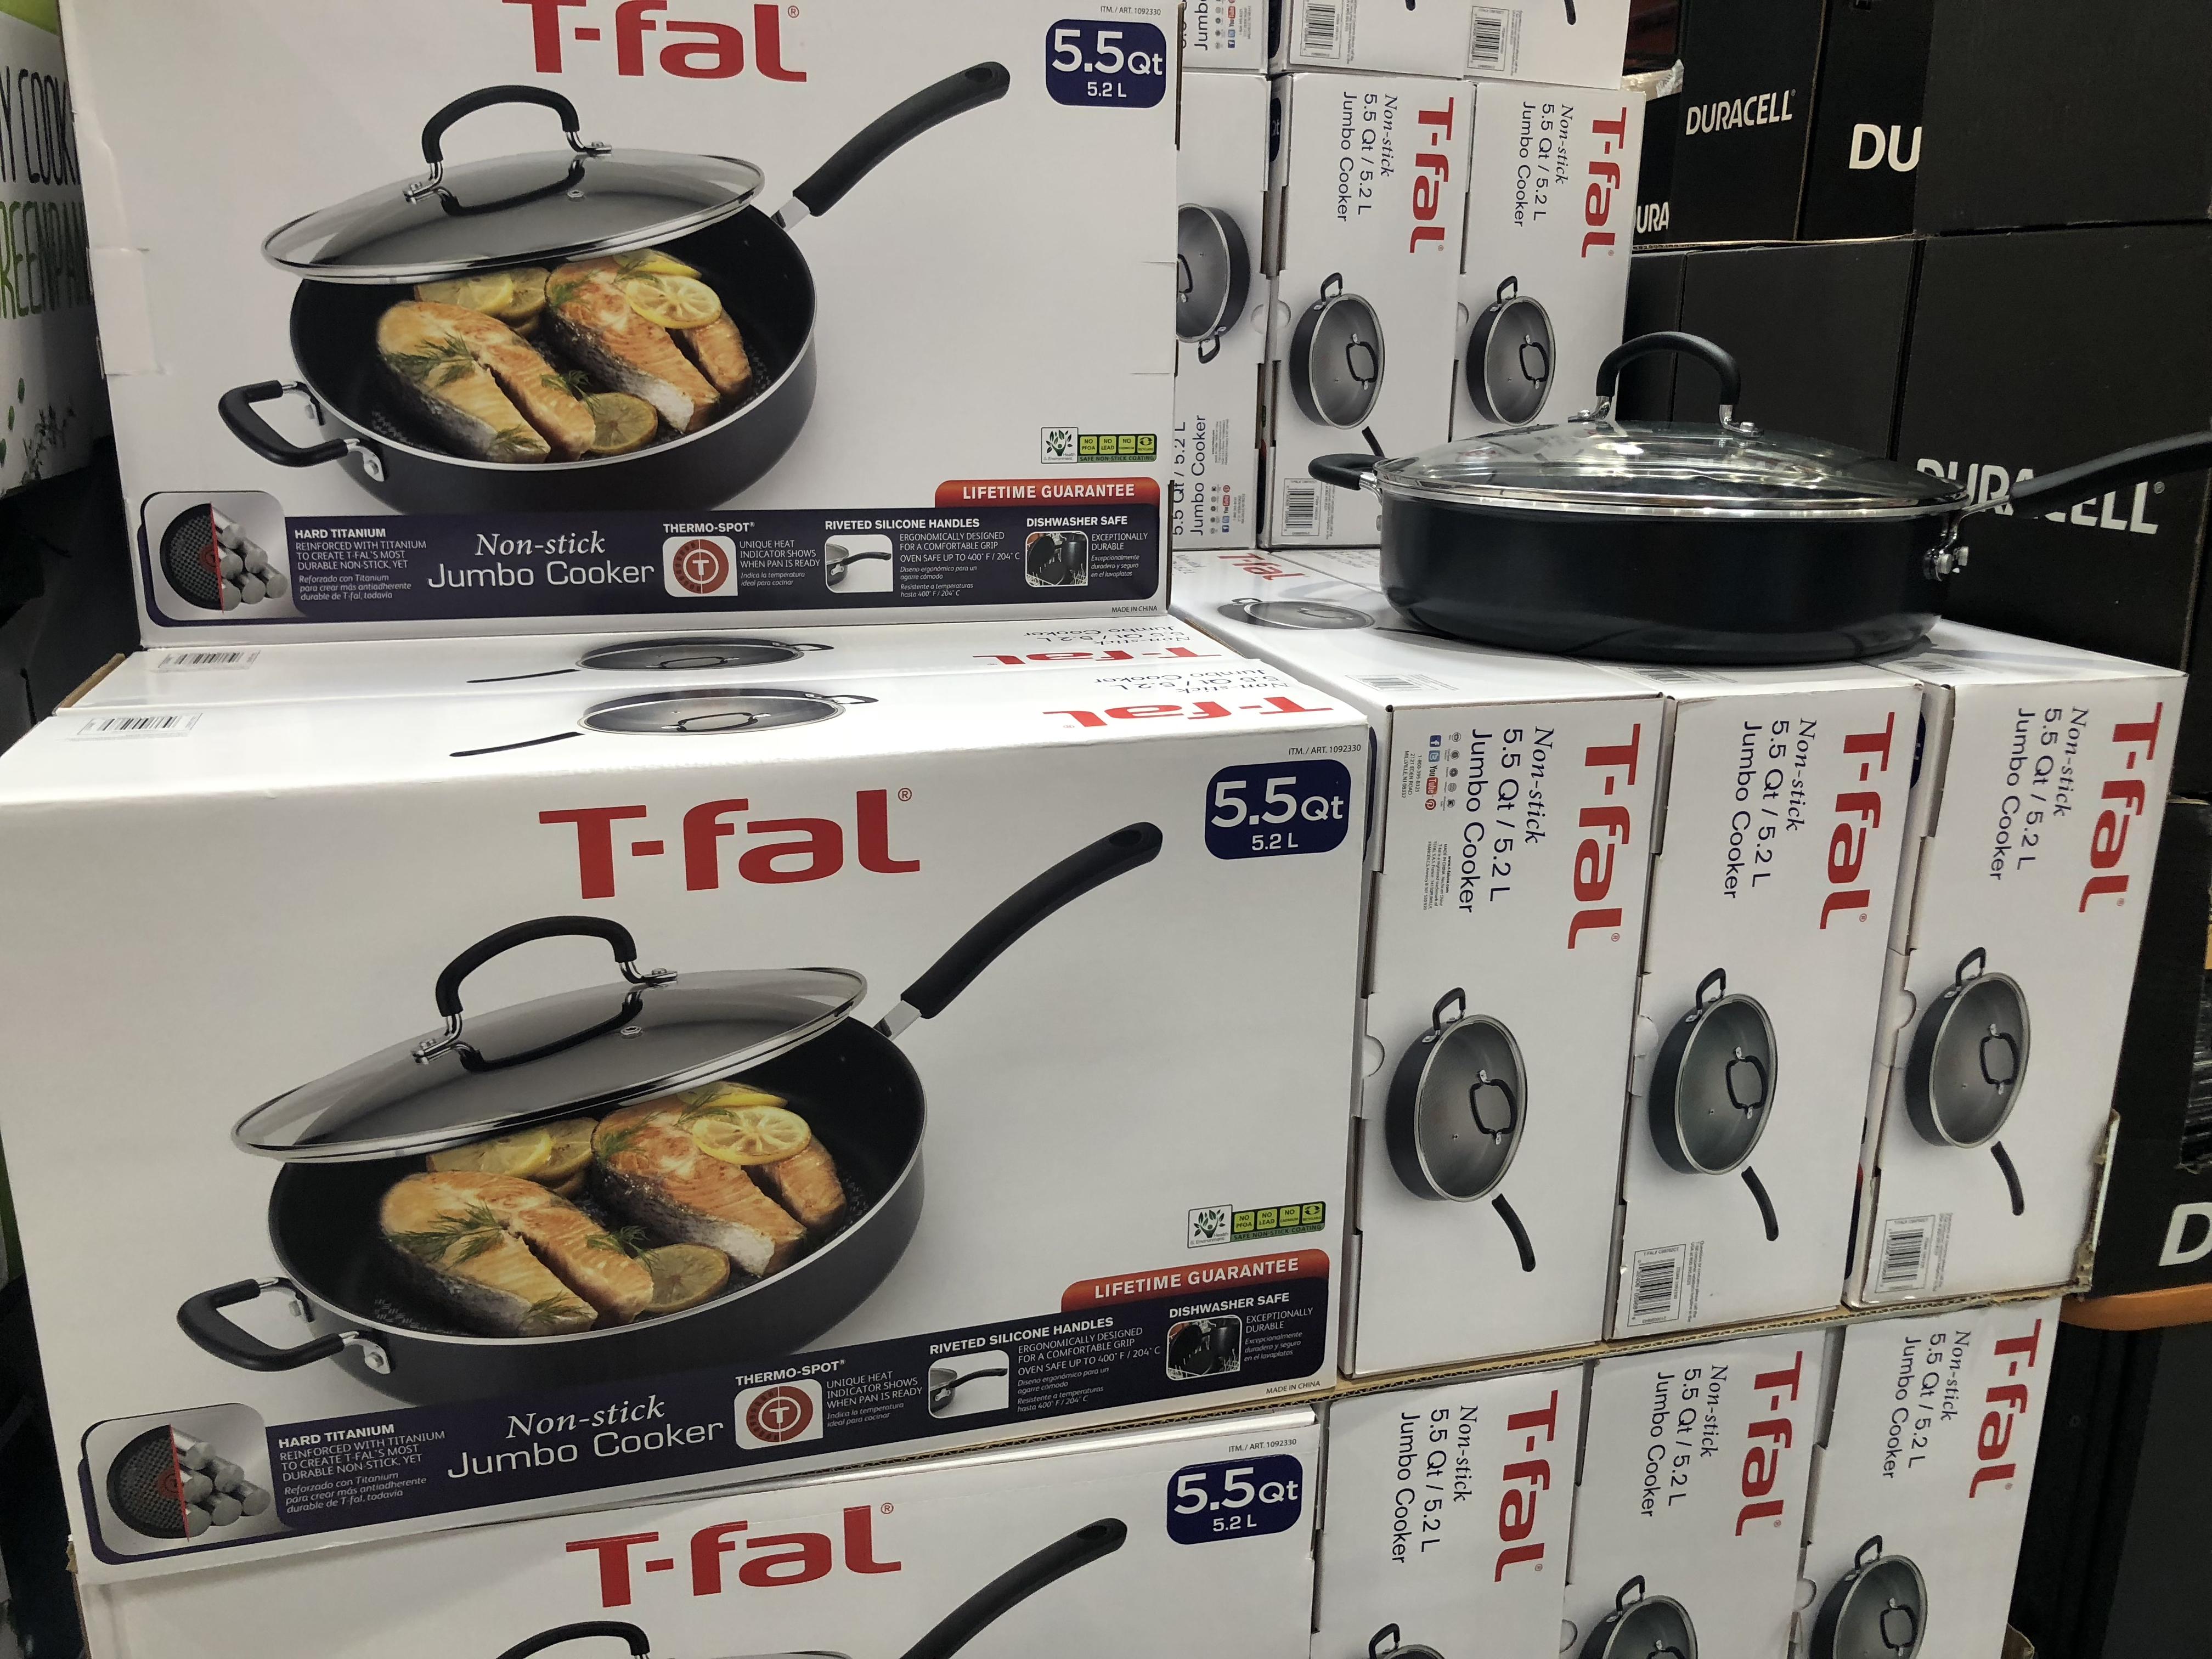 August keto Costco deals - T-fal pan at Costco